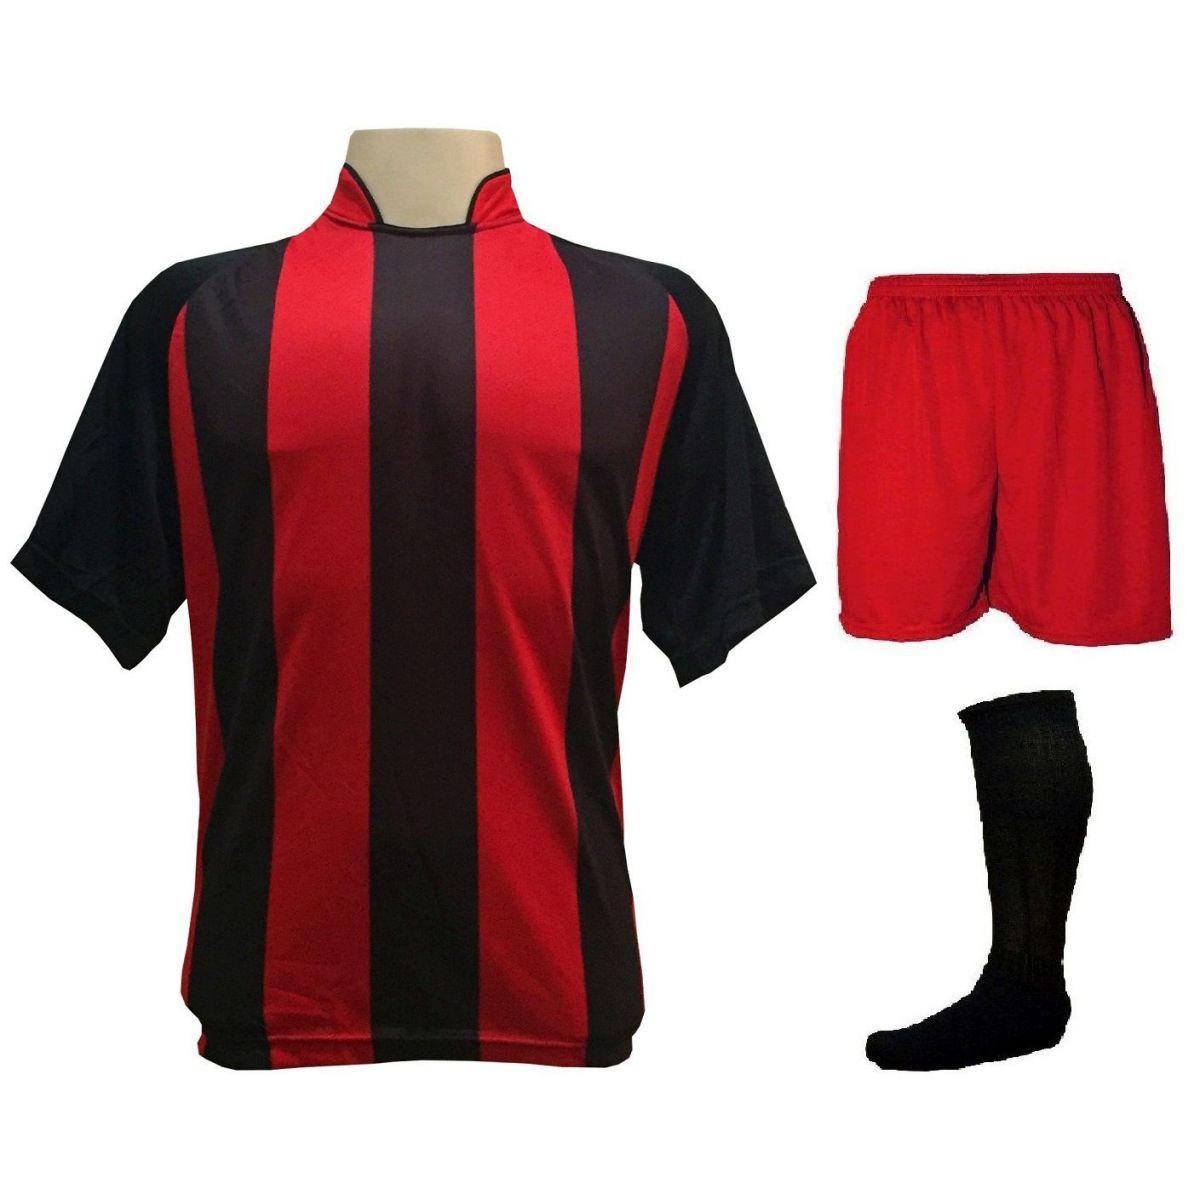 Uniforme Esportivo com 12 Camisas modelo Milan Preto/Vermelho + 12 Calções modelo Madrid Vermelho + 12 Pares de meiões Preto